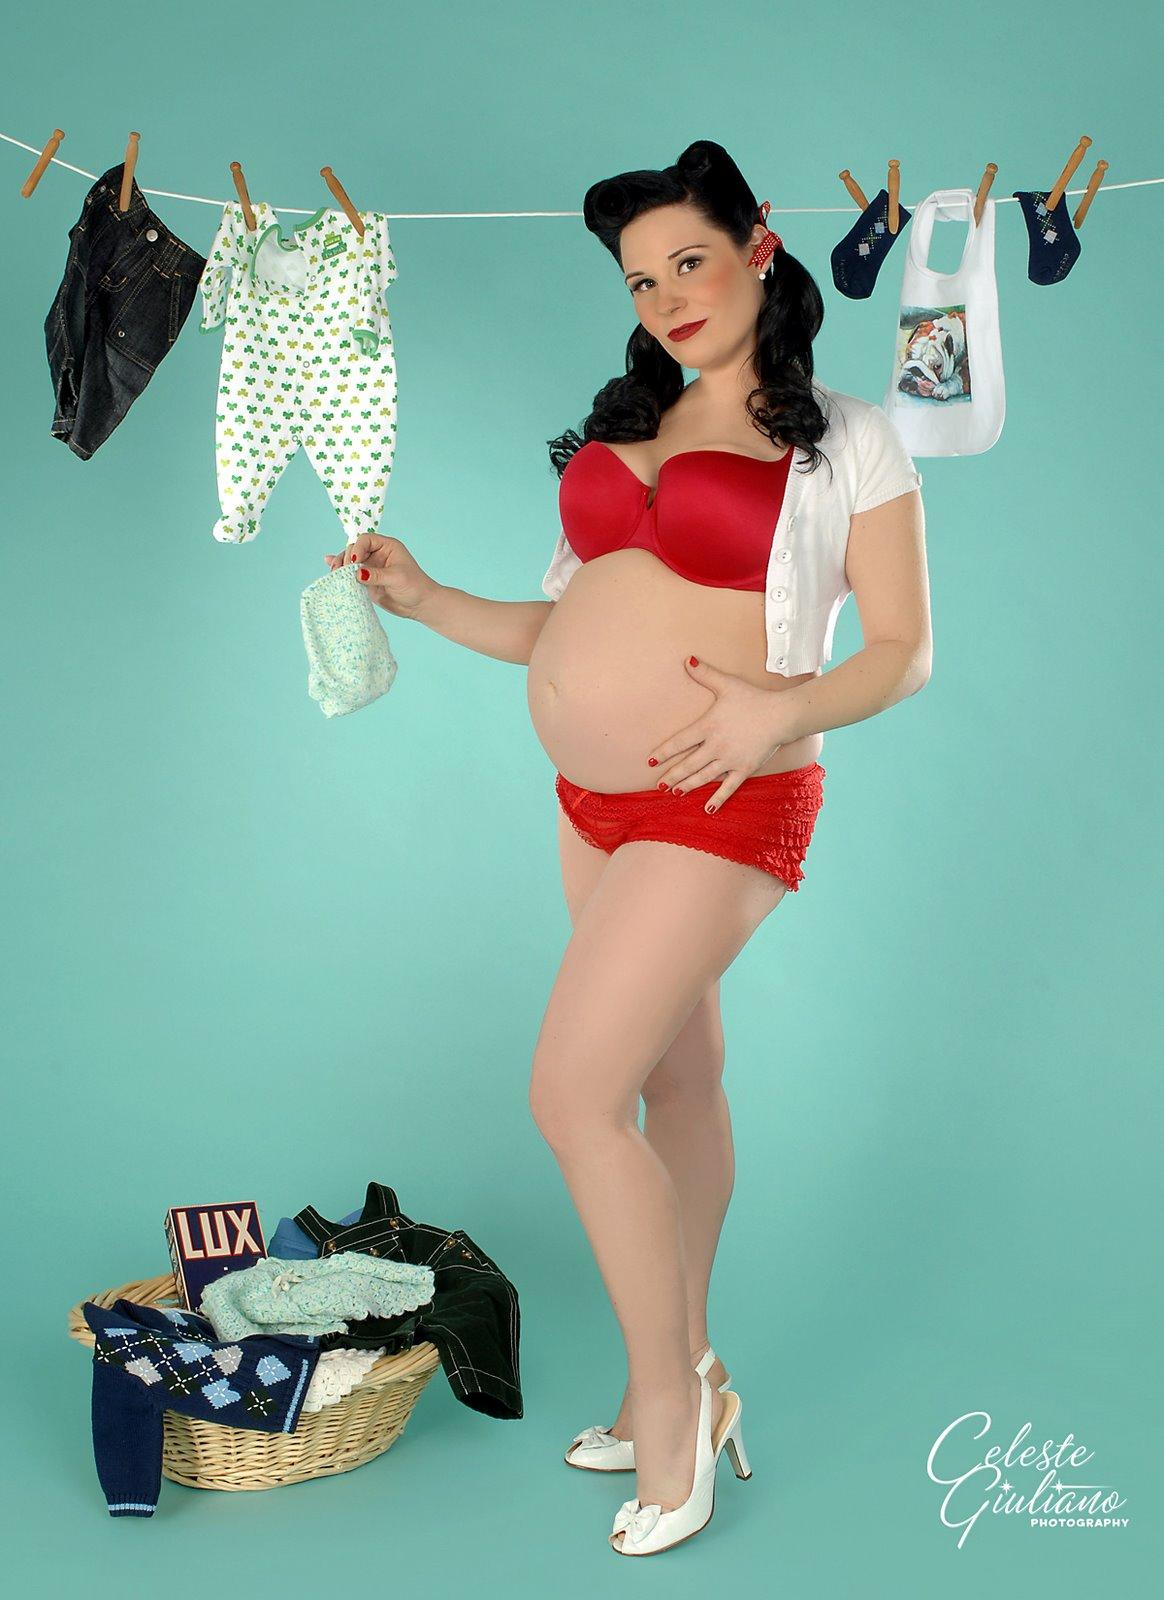 http://2.bp.blogspot.com/_2q0rStxRJ1E/TFKwLMS9HpI/AAAAAAAAAEU/1jsm-_aJyqI/s1600/pregnant%2Bpinup.jpg